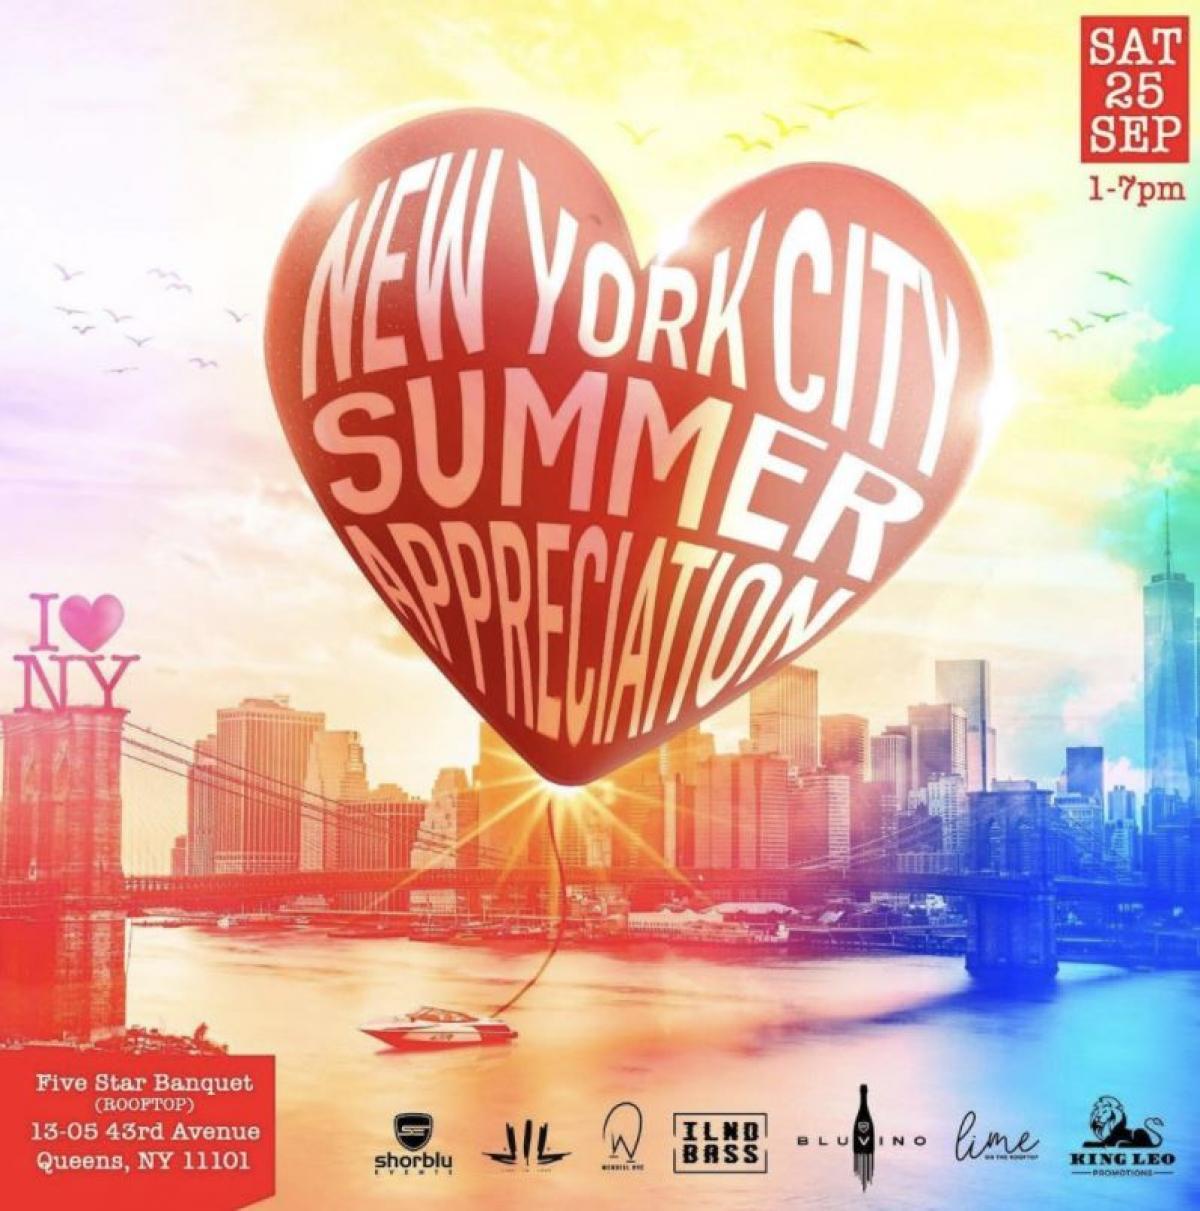 NYC Summer Appreciation Party  flyer or graphic.